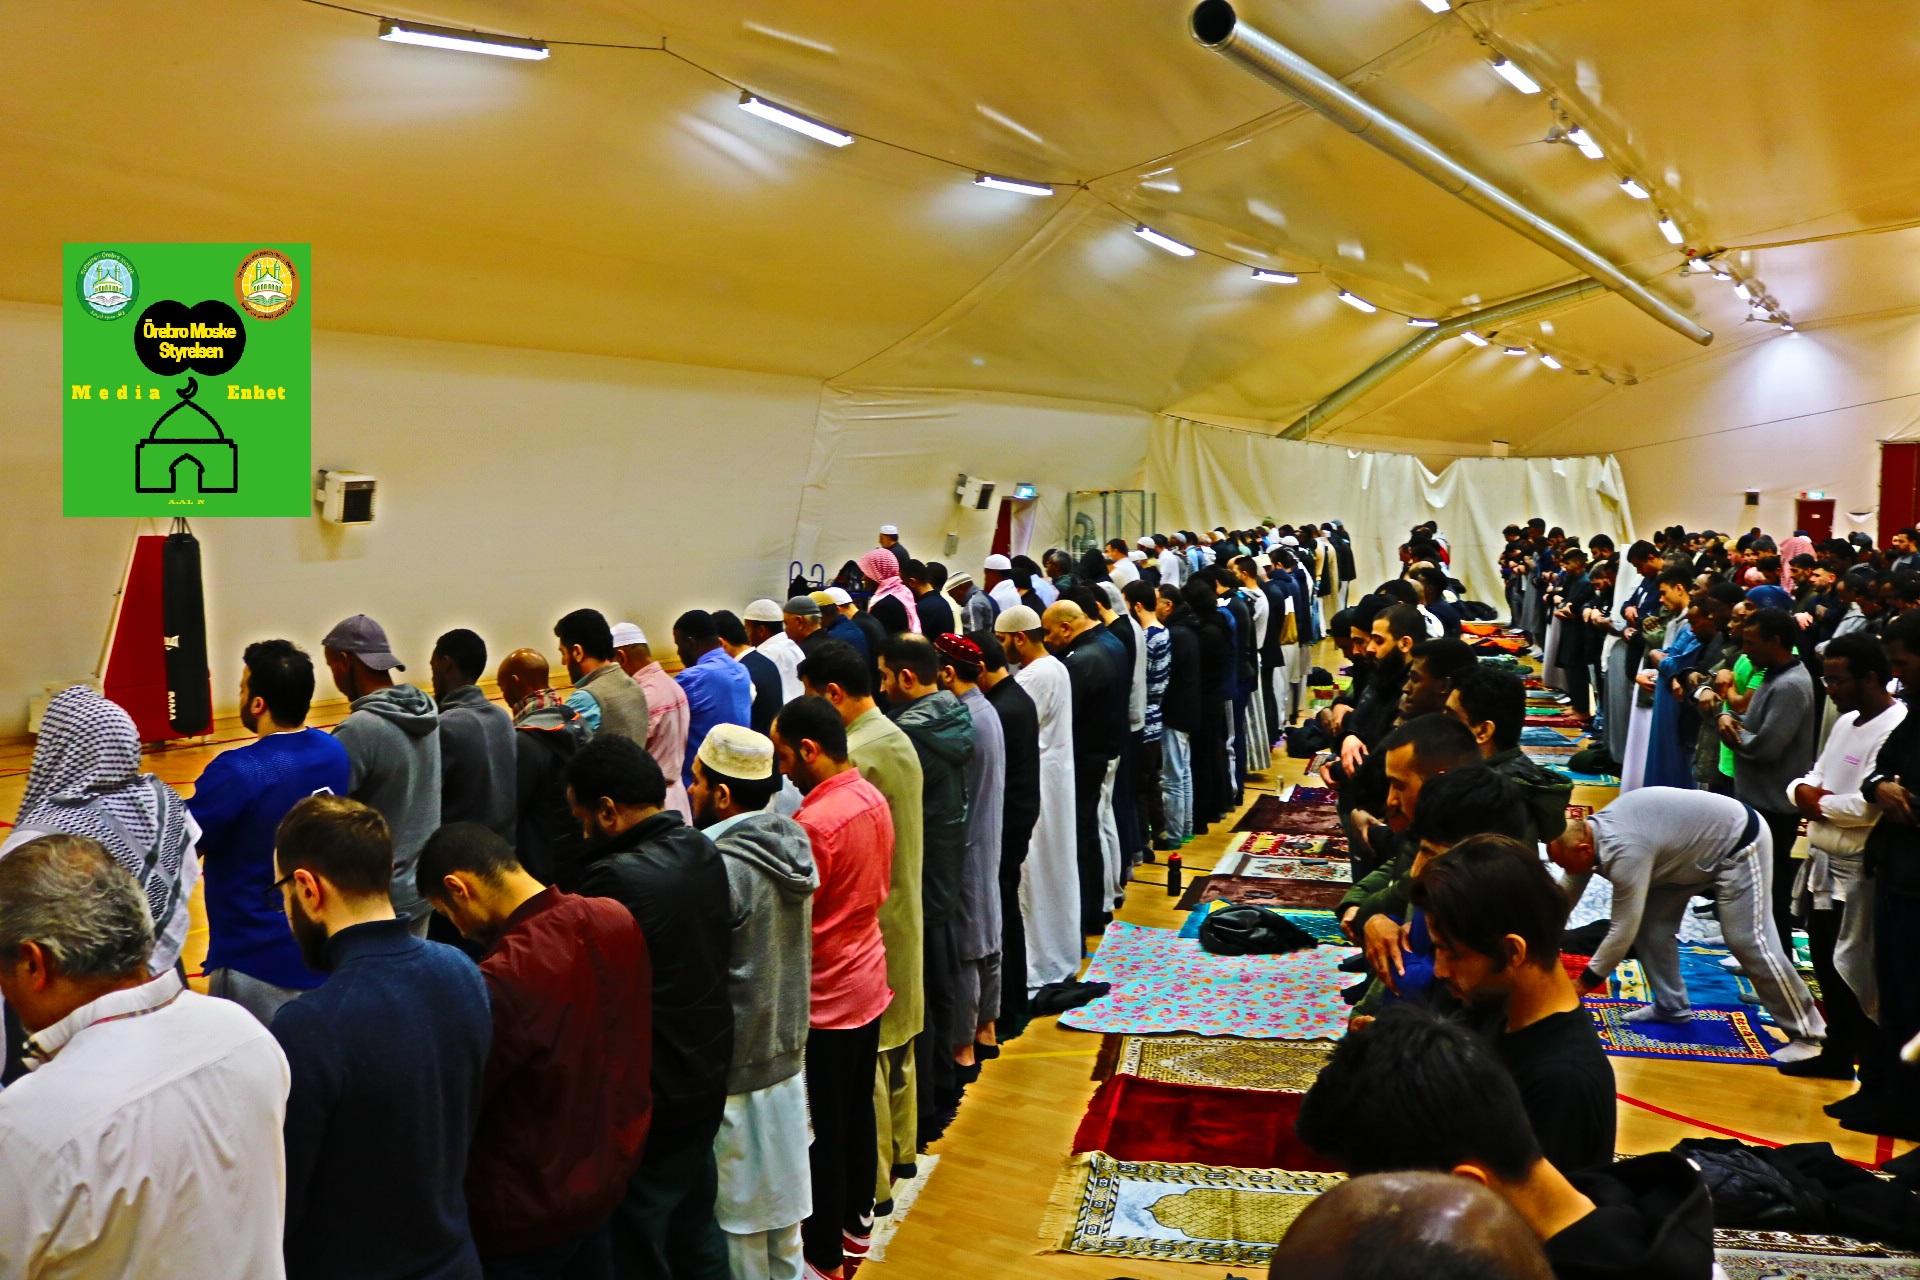 """صلاة العشاء والتراويح لليوم الخامس من شهر رمضان المبارك 10/05/2019 Ramadan Mubarak ********************************* FILMED ON LOCATION ********************************* Ballonghallen i Örebro """"En tillfällig plats efter moskén brändes"""" *************************** Sverige - السويد – Sweden ********************************* DIRECTED BY ********************************* A.Al-N ********************************* Effected Video (Facebook) ********************************* Irakier i Örebro - Iraqis in Orebro (Facebook) ********************************* Örebro moské älskare - Orebro mosque lovers - محبي مسجد اوربرو (Facebook) ************************************************ Effected Video (YouTube) http://www.youtube.com/channel/UCSEb-ibpdTXYFwLsCf8E3Aw ************************************************ Baghdad forever (YouTube) http://www.youtube.com/user/baghdadiforever"""